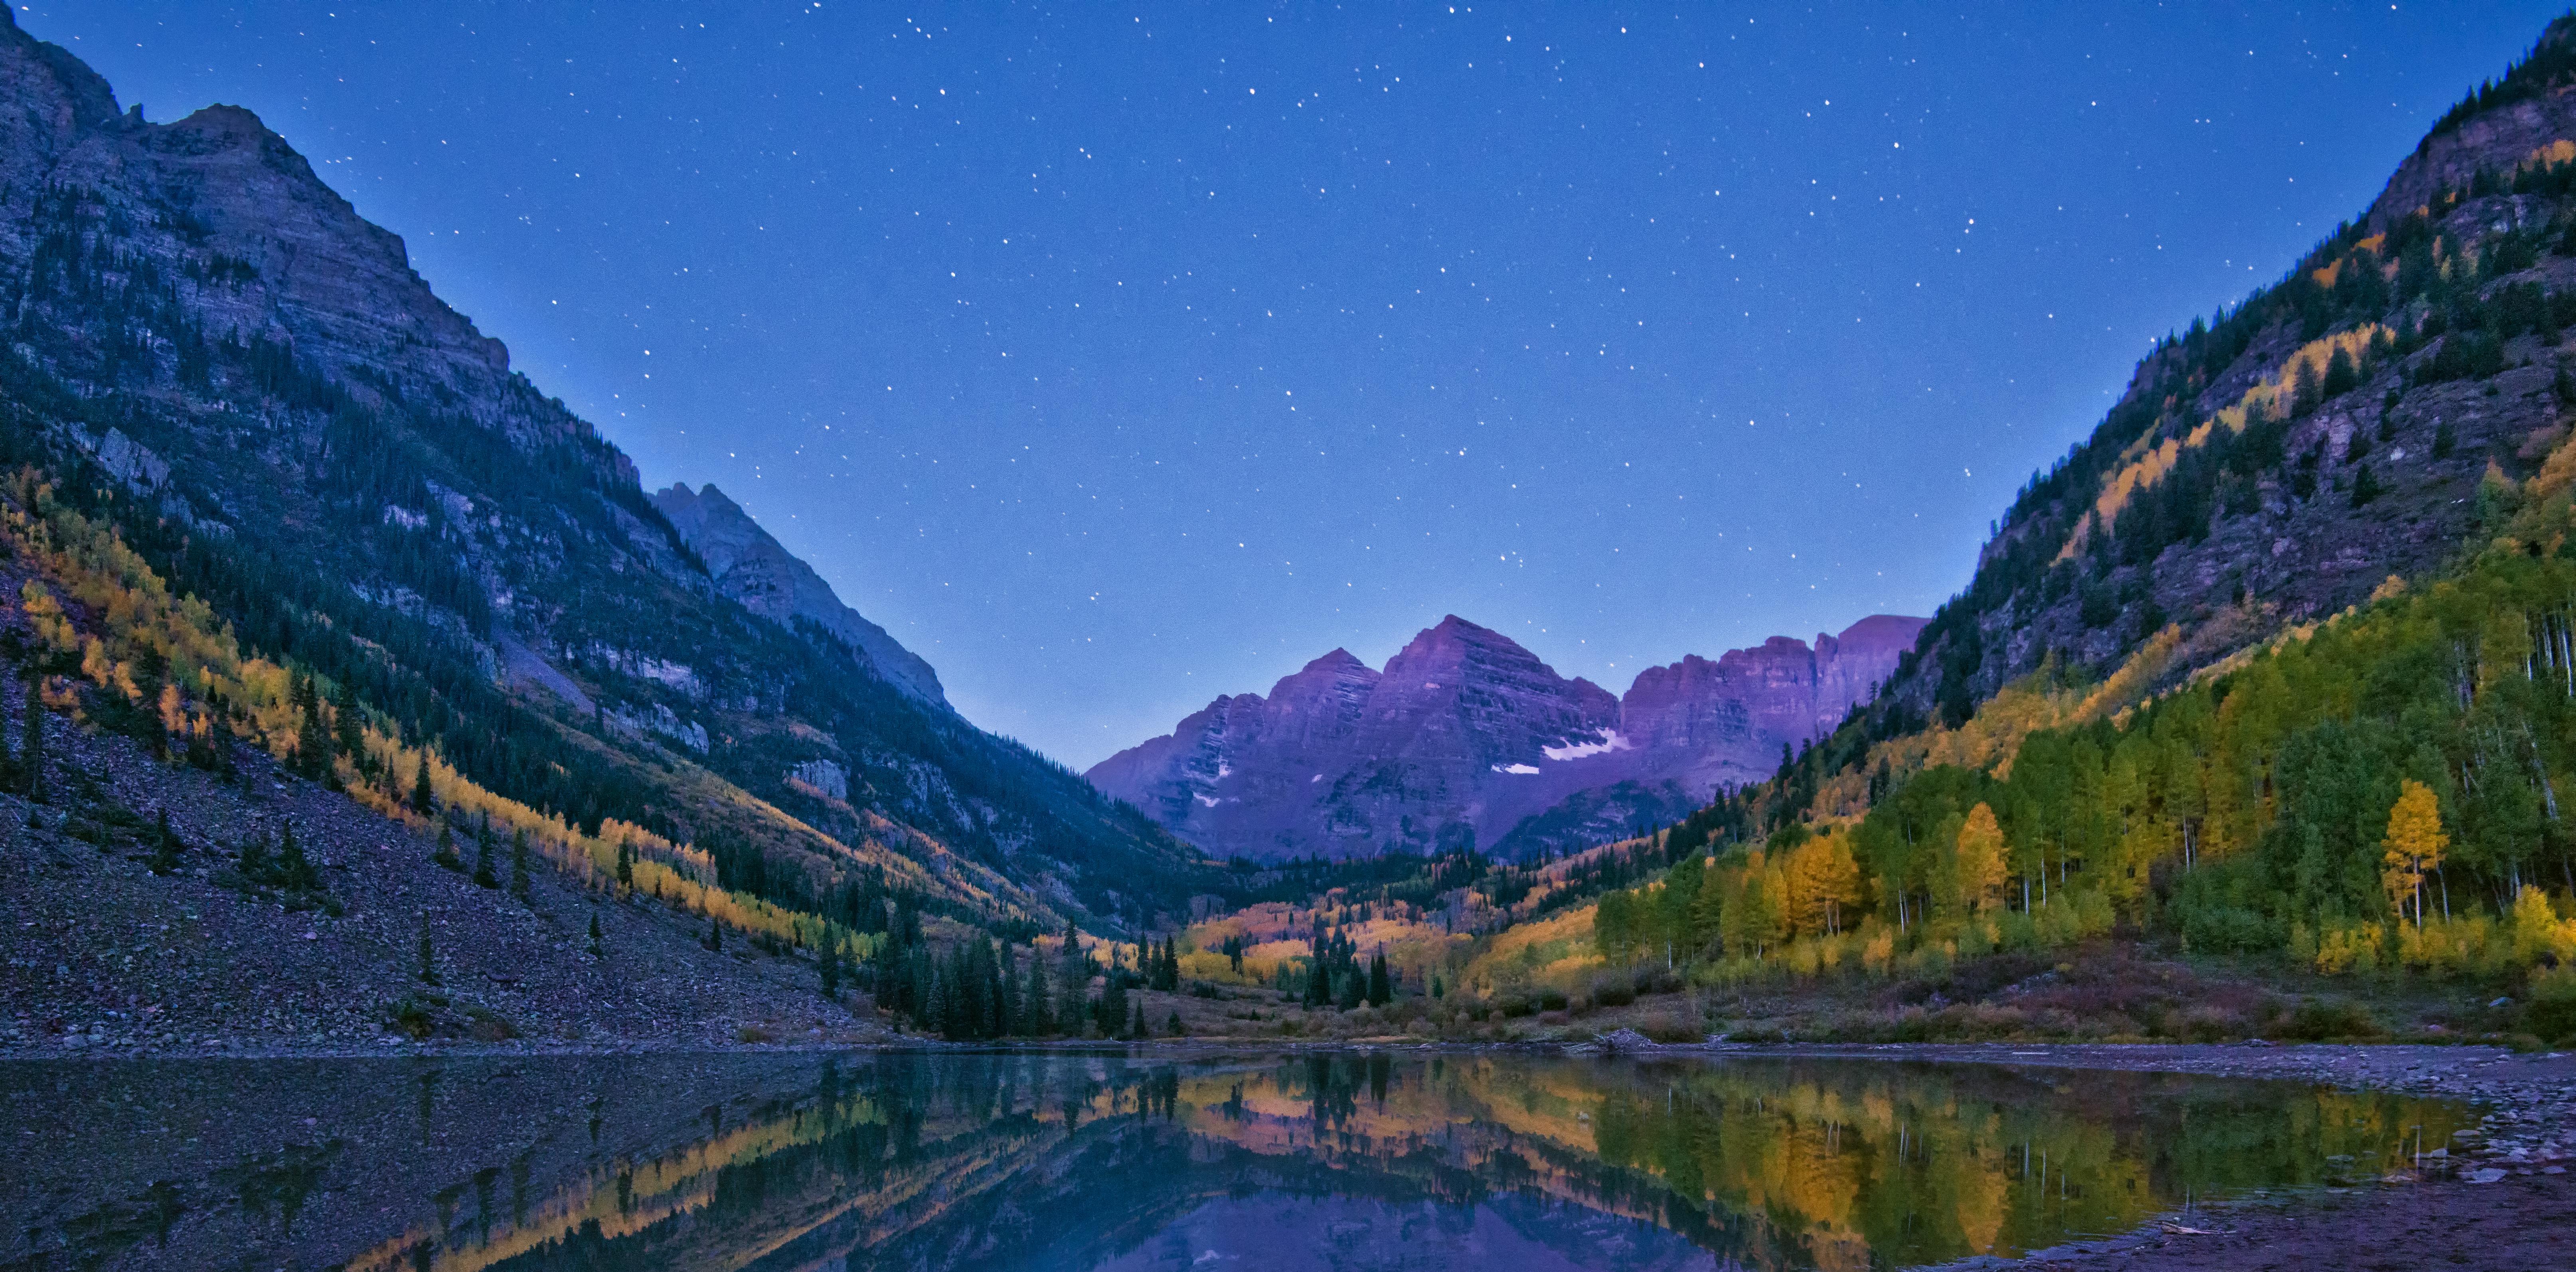 maroon bells lake at - photo #19